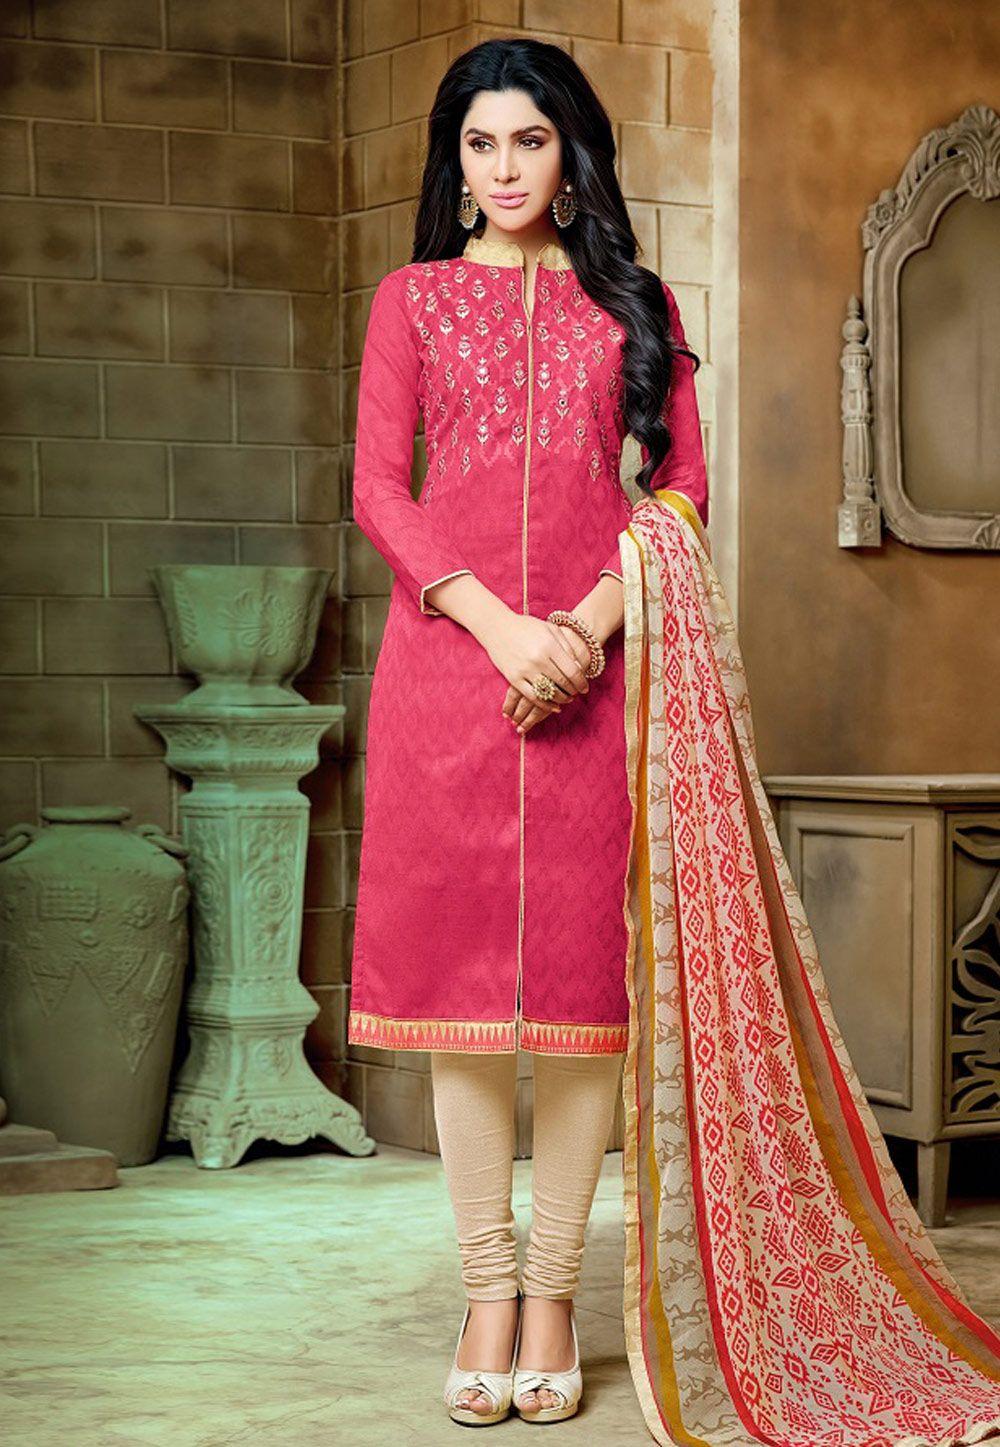 c4dc42ab13 Buy Pink Jacquard Churidar Salwar Kameez 160269 online at lowest price from  huge collection of salwar kameez at Indianclothstore.com.